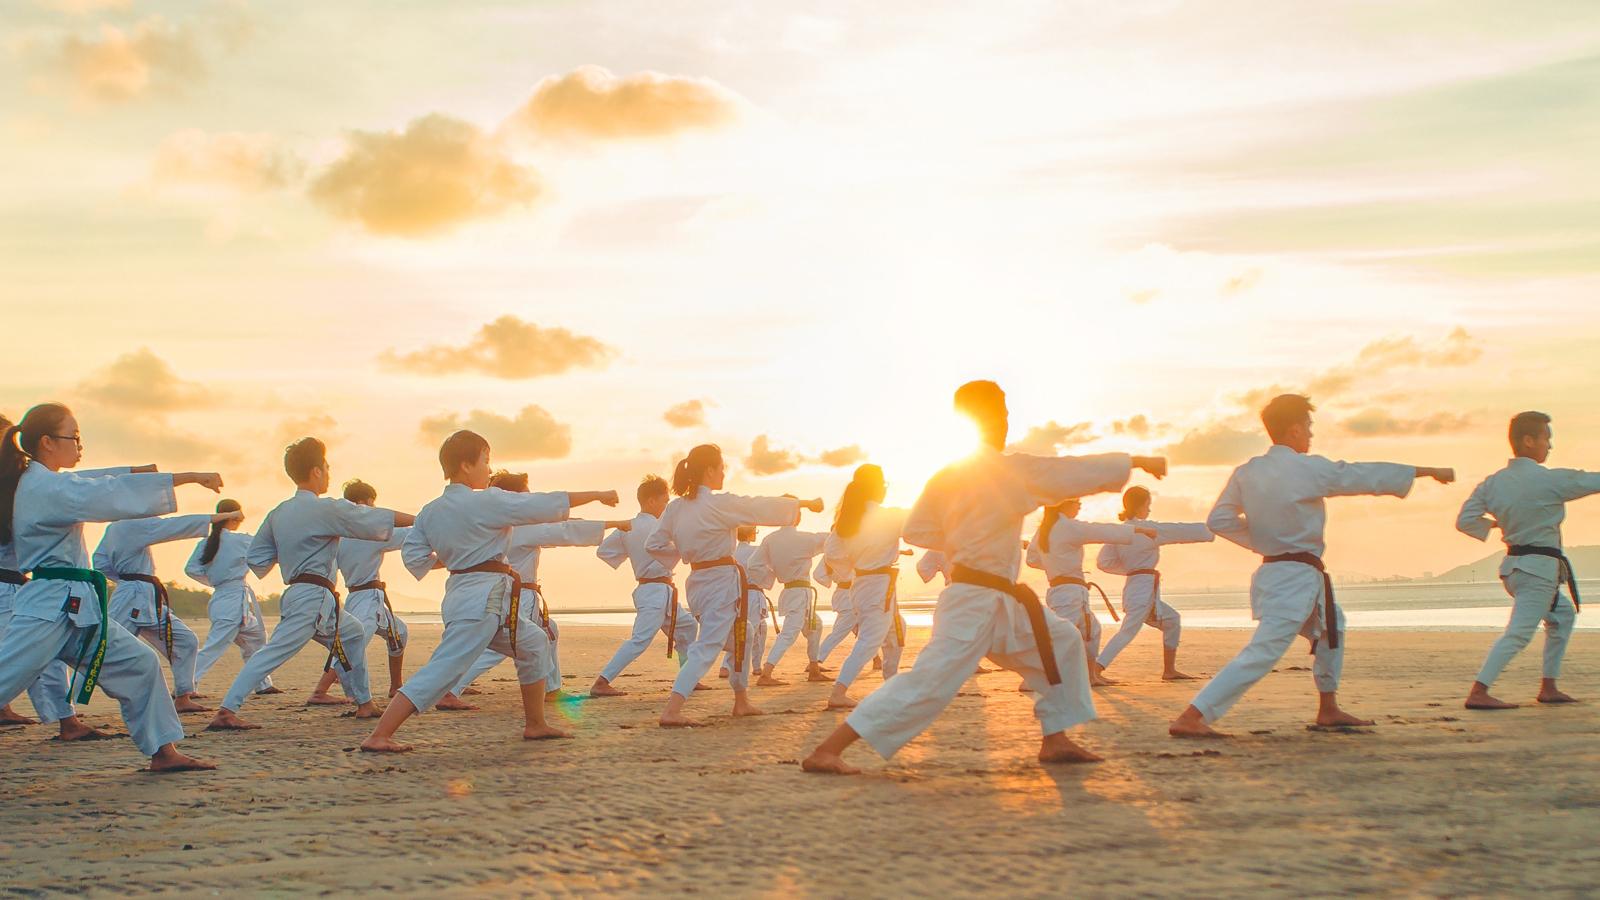 Nhiều người nghĩ học võ là môn thể thao dành cho người sức dài vai rộng, người thể lực không tốt thì không học được, đây hoàn toàn là quan niệm sai lầm.